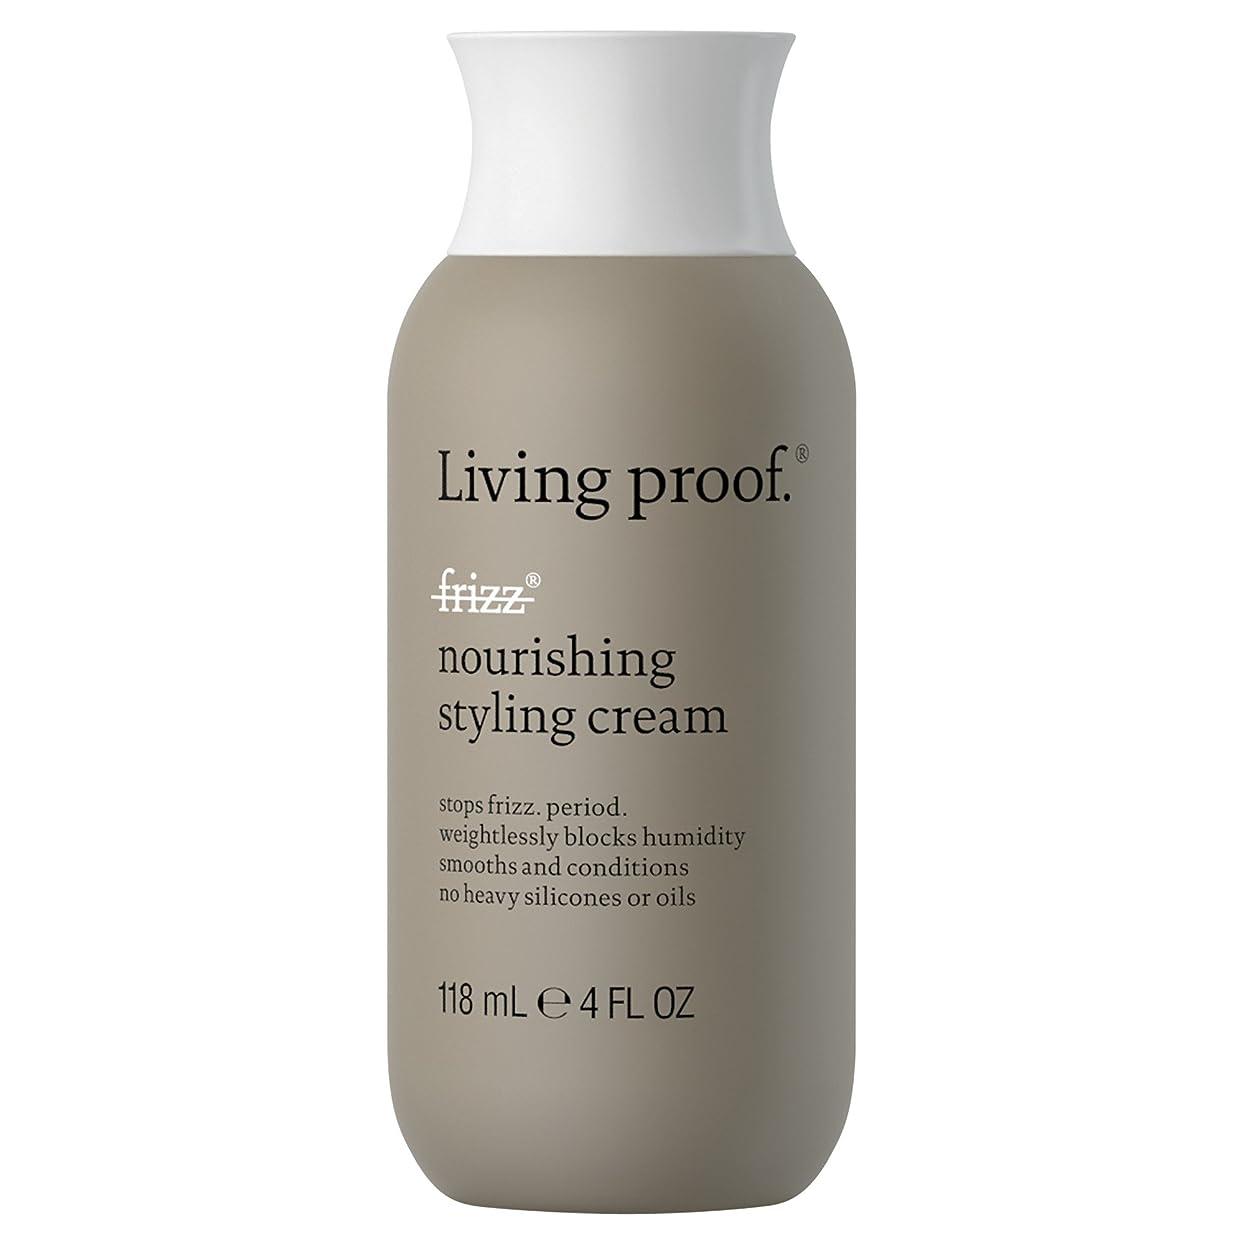 パステル実験室動作生きている証拠なし縮れ栄養スタイリングクリーム118ミリリットル (Living Proof) (x6) - Living Proof No Frizz Nourishing Styling Cream 118ml (Pack of 6) [並行輸入品]